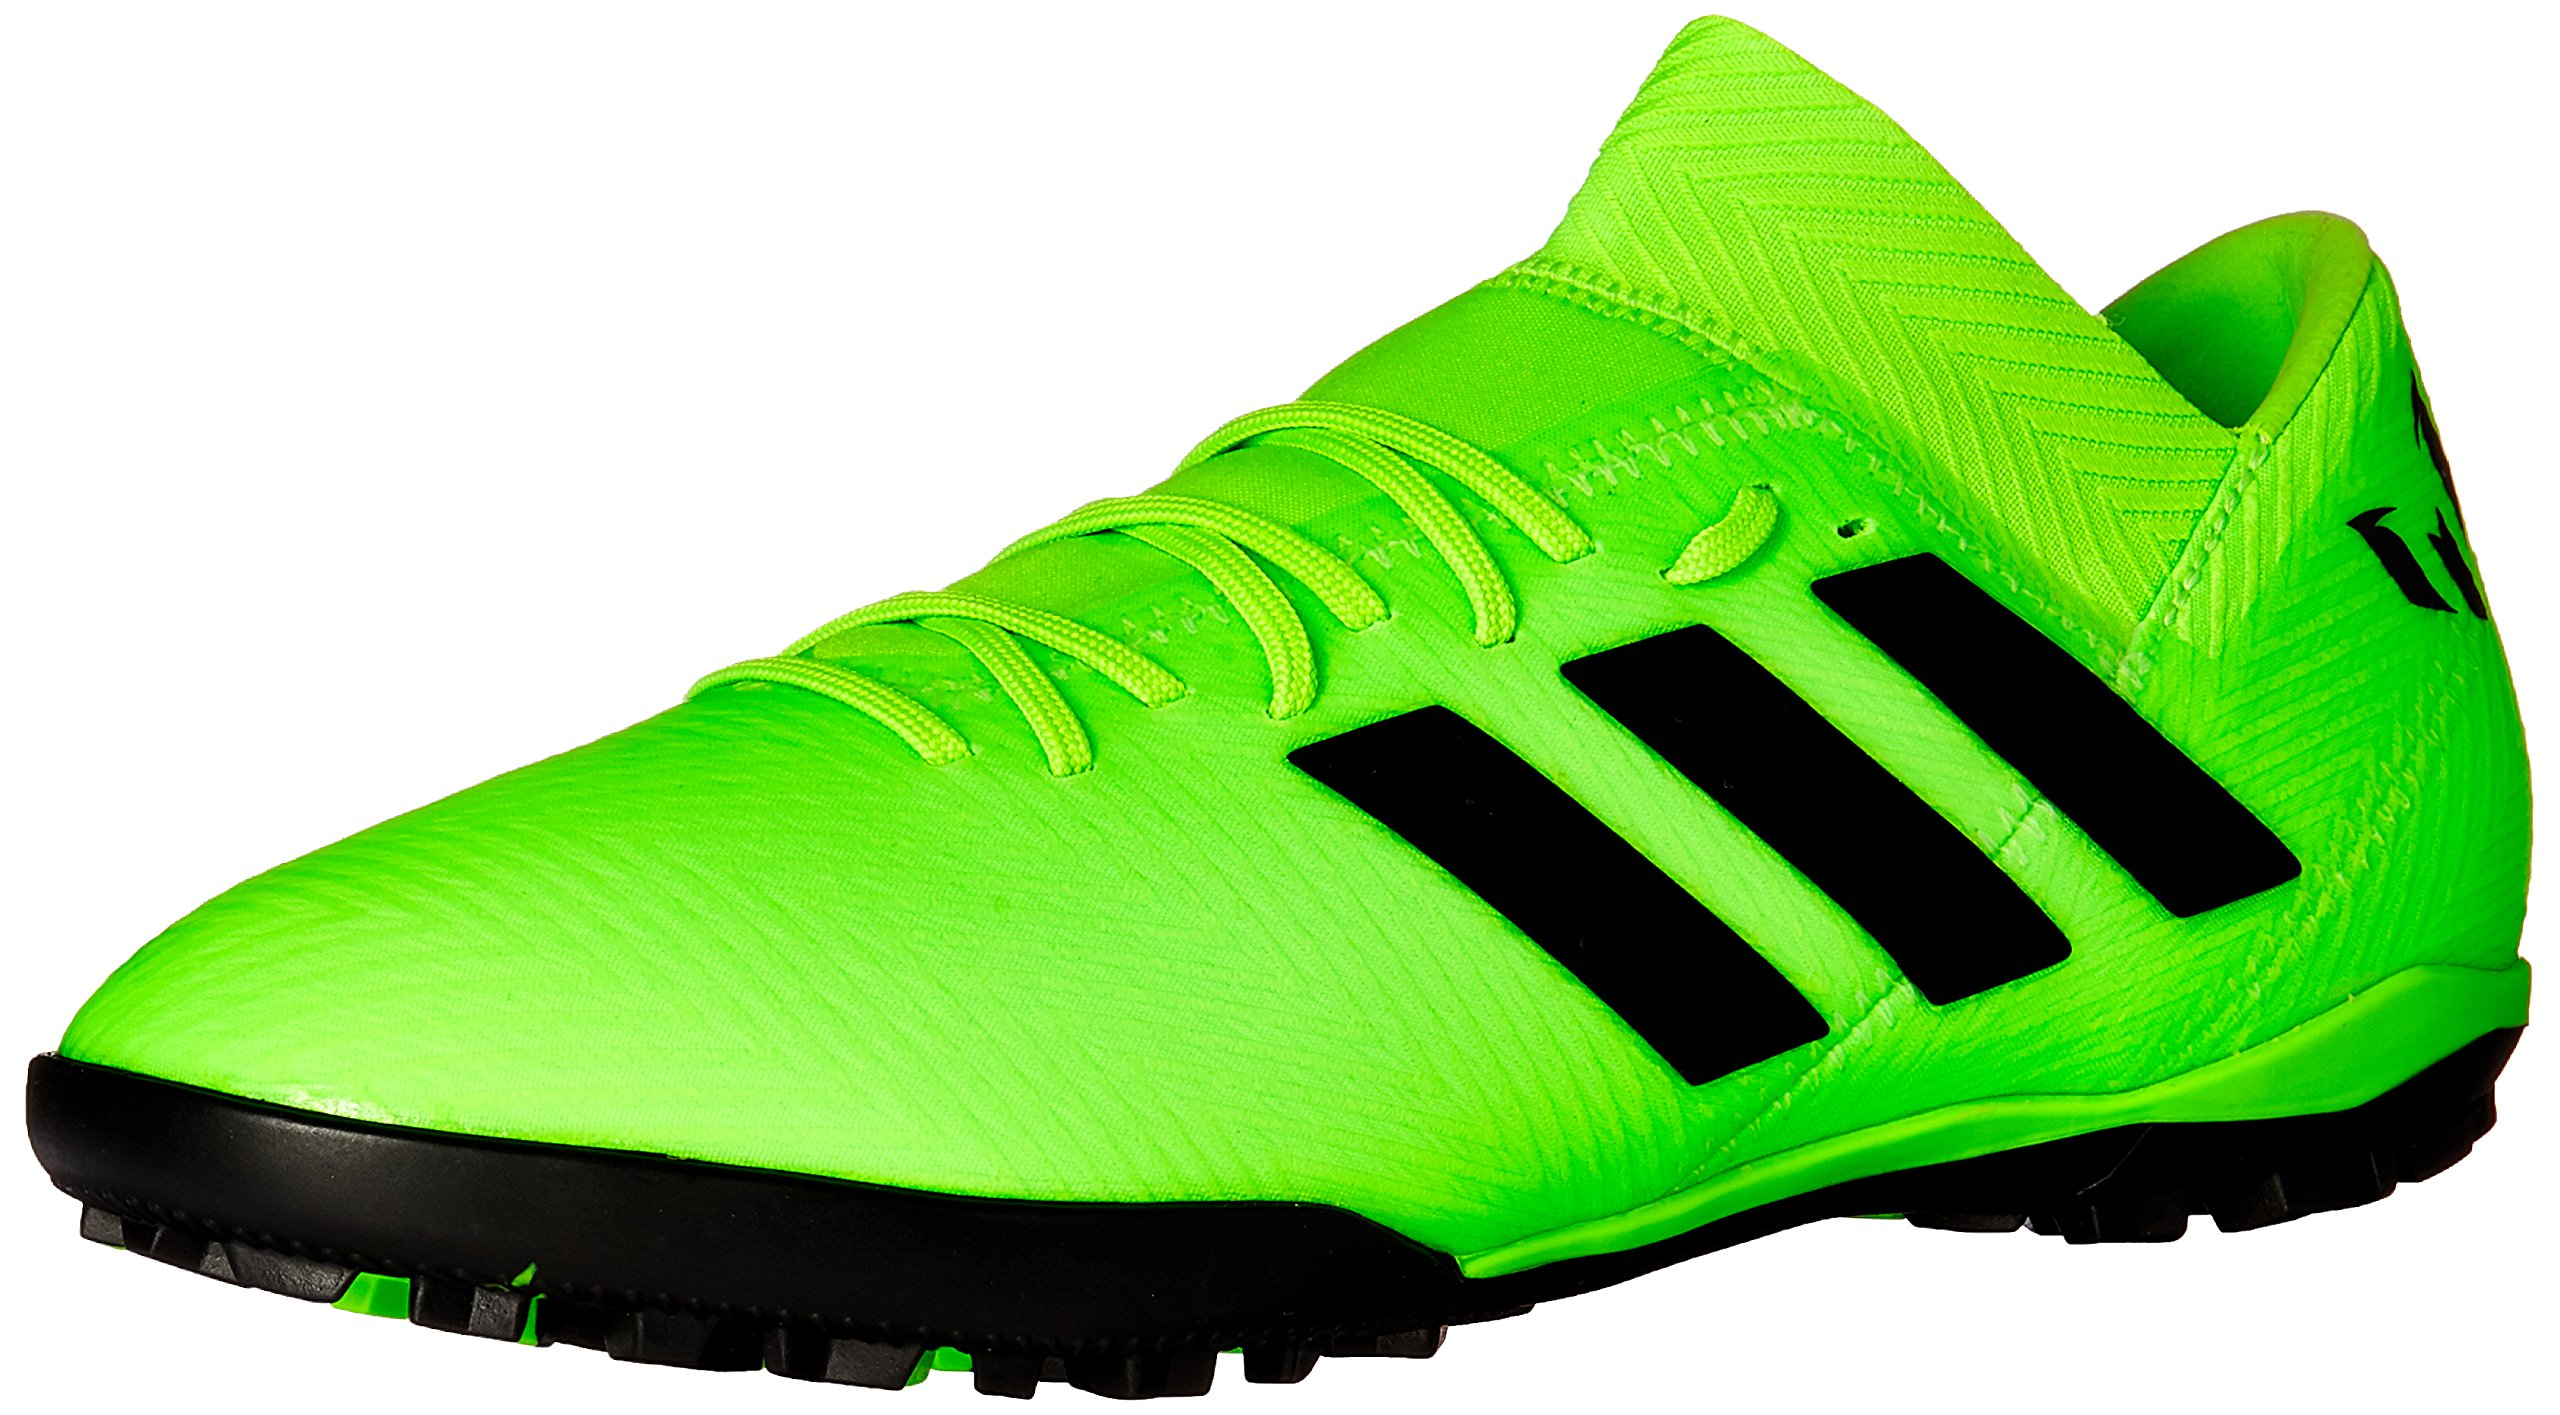 adidas Men's Nemeziz Messi Tango 18.3 Turf Soccer Shoe, Solar Green/Black/Solar Green, 10 M US